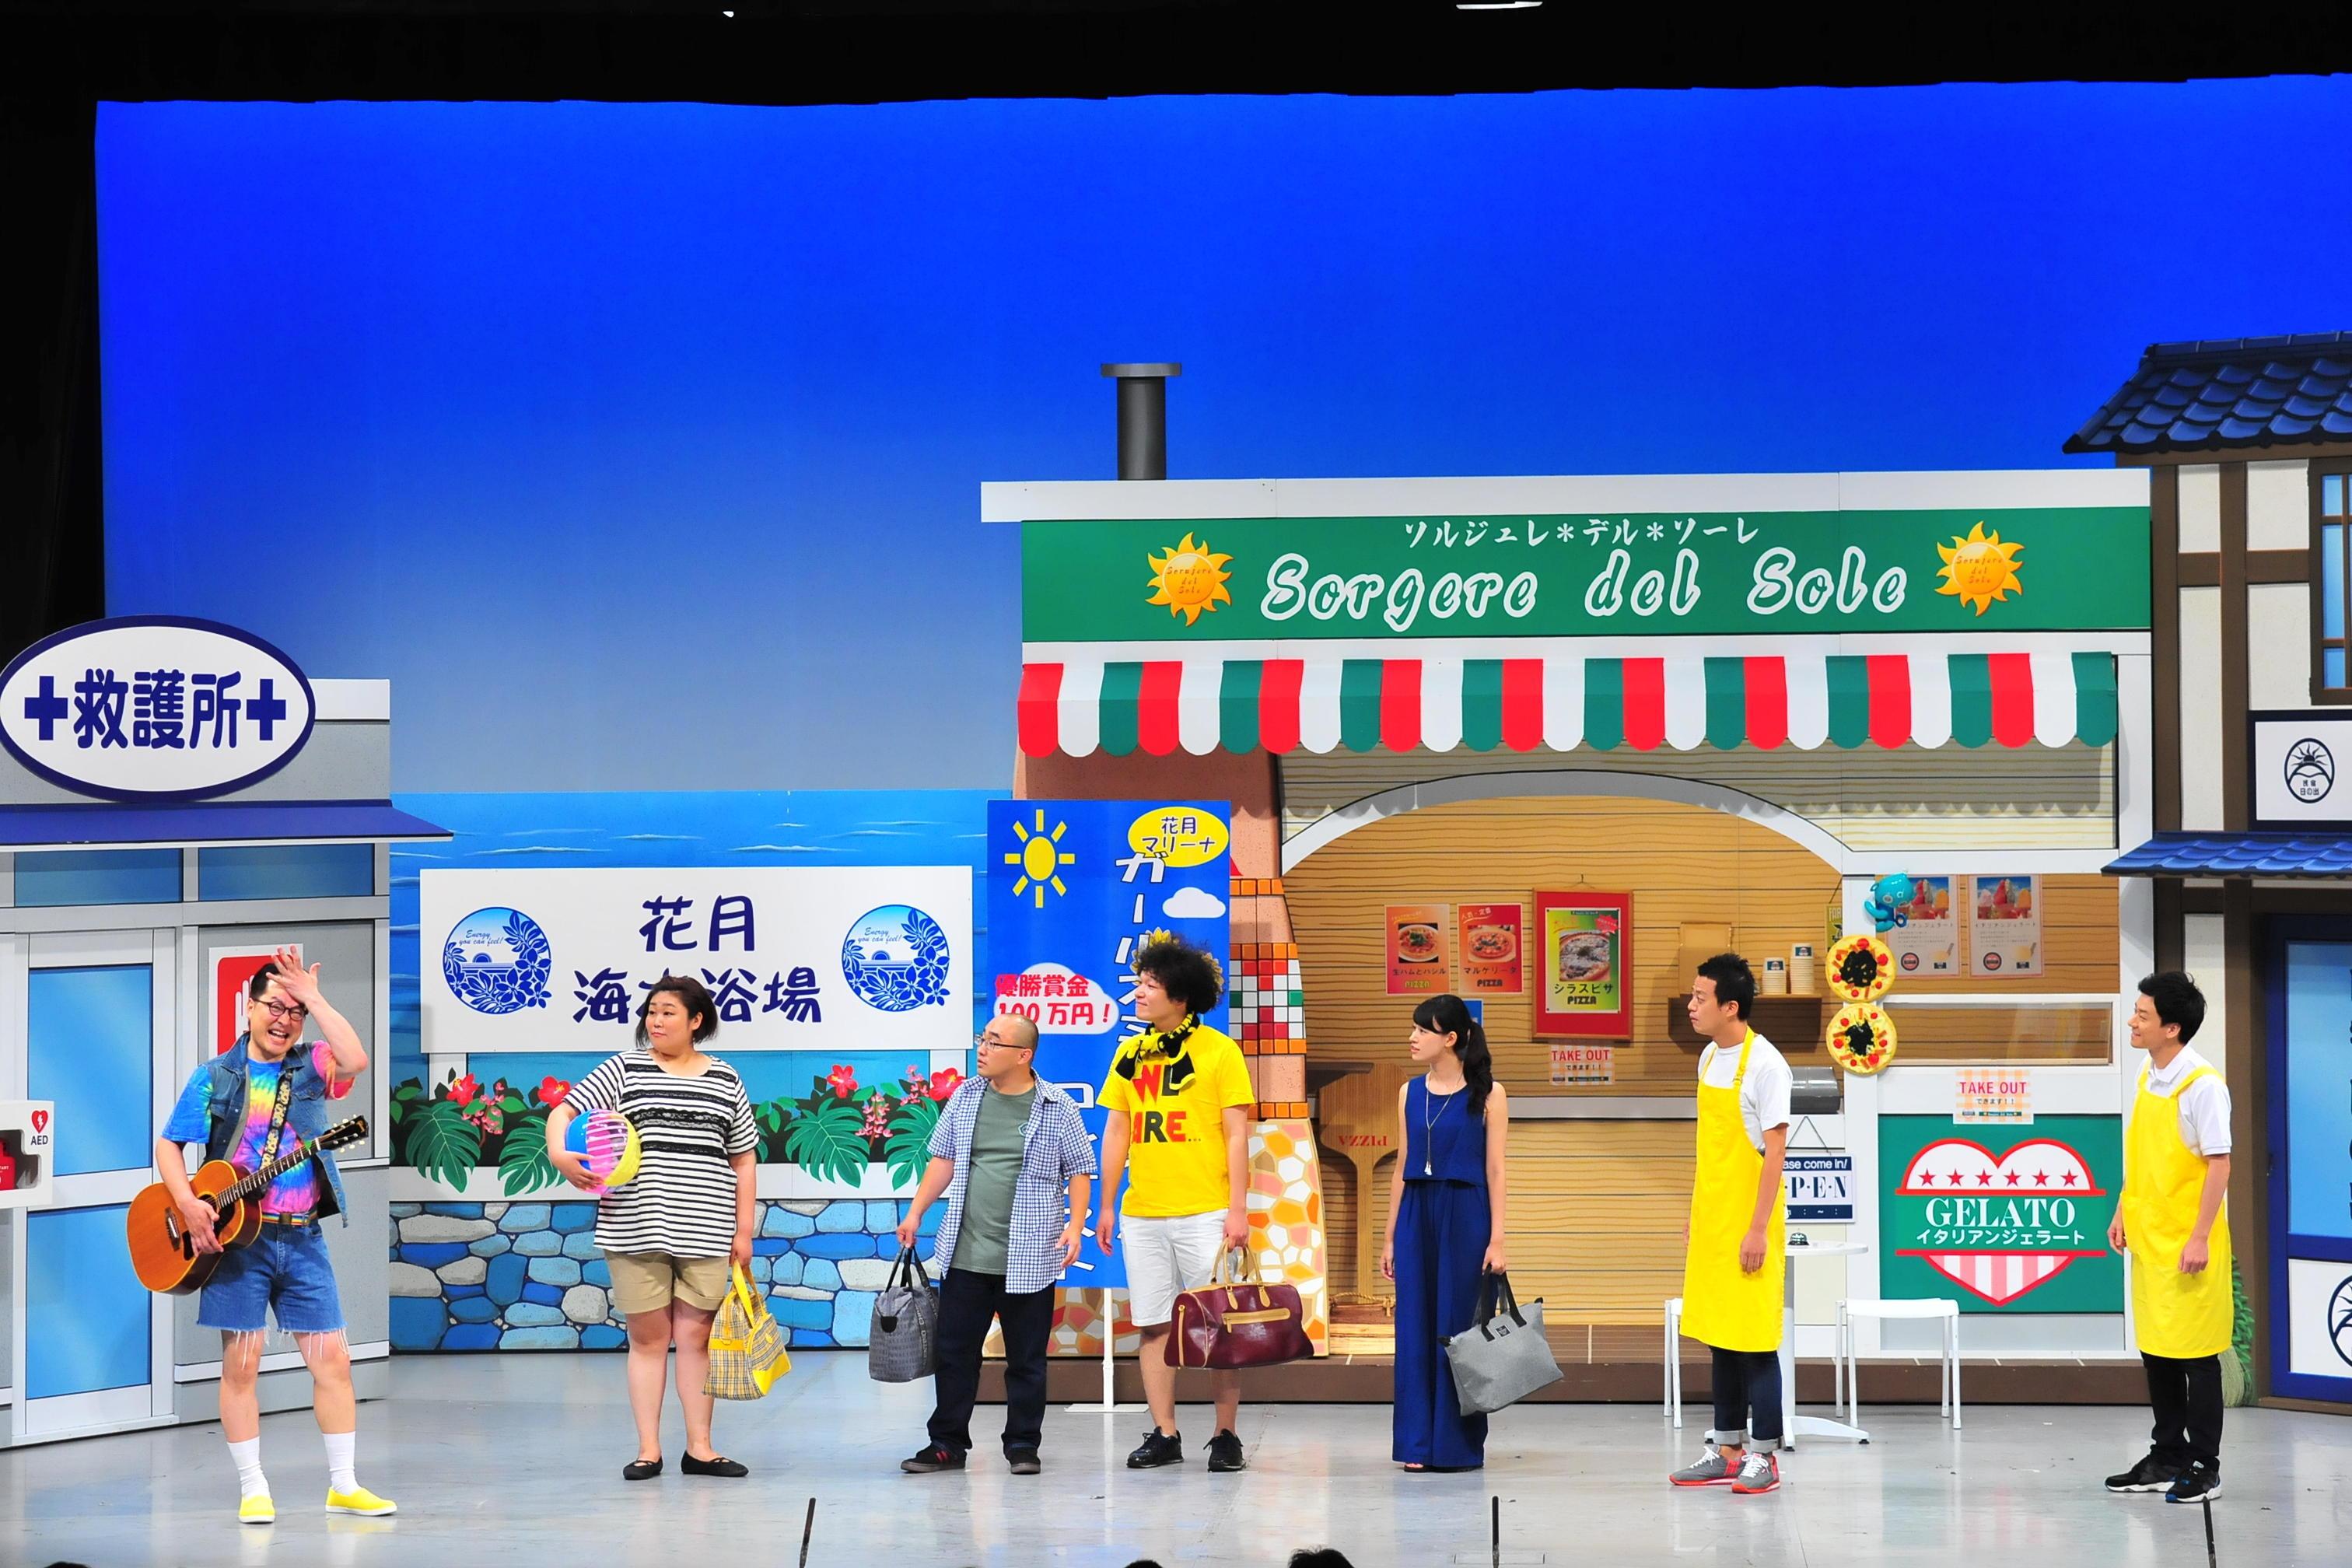 http://news.yoshimoto.co.jp/20160814183452-47d28e22042f144f67ee0a93b4ed71797a1fcccb.jpg